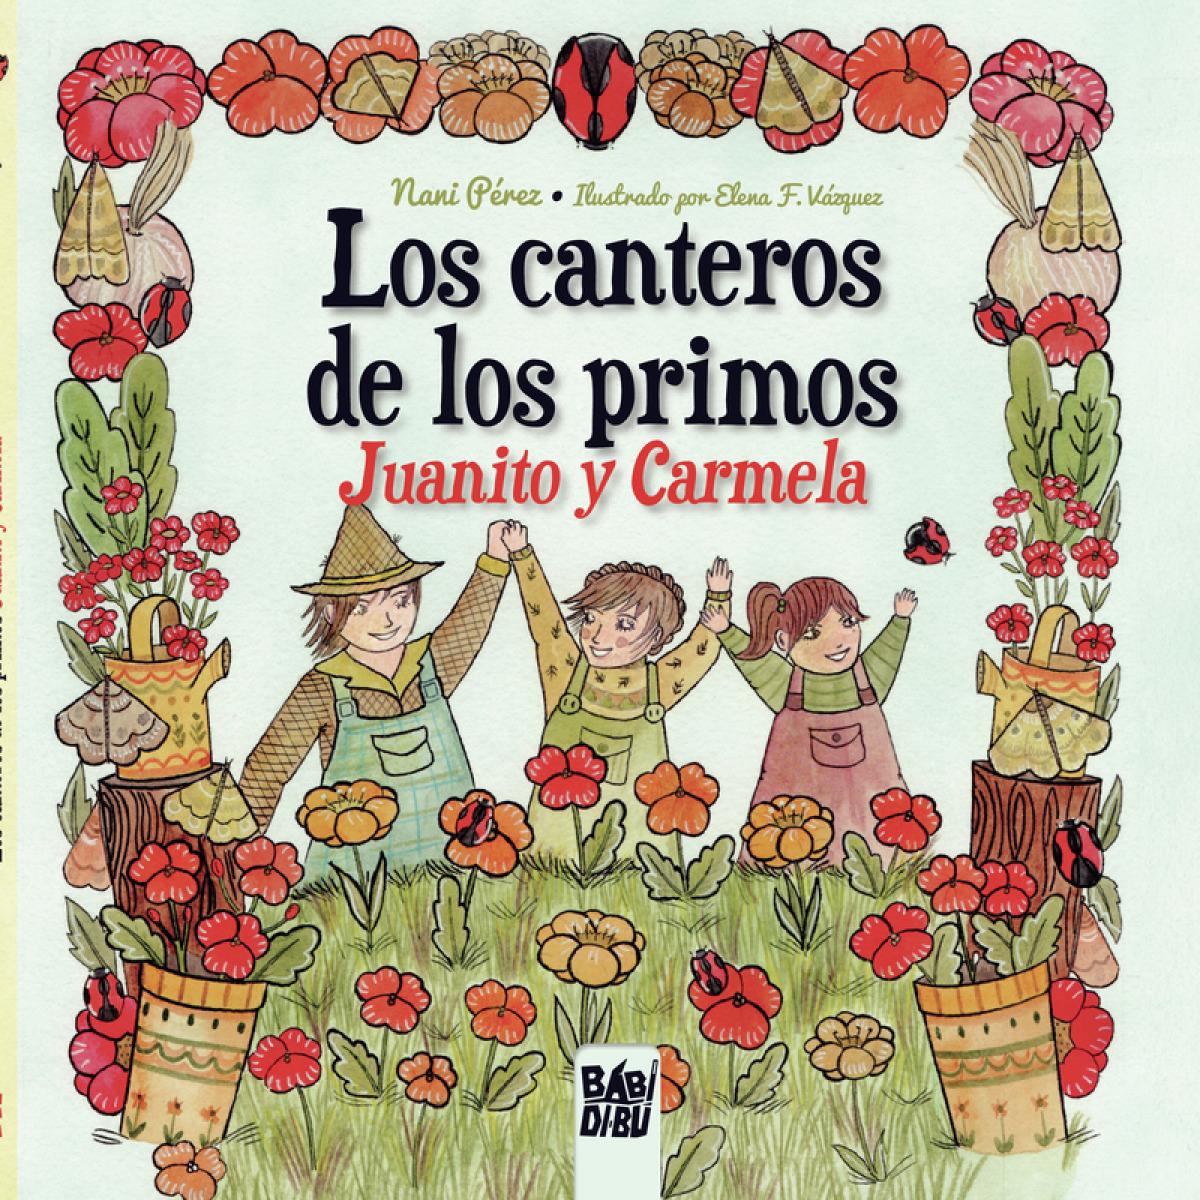 Los canteros de los primos Juanito y Carmela